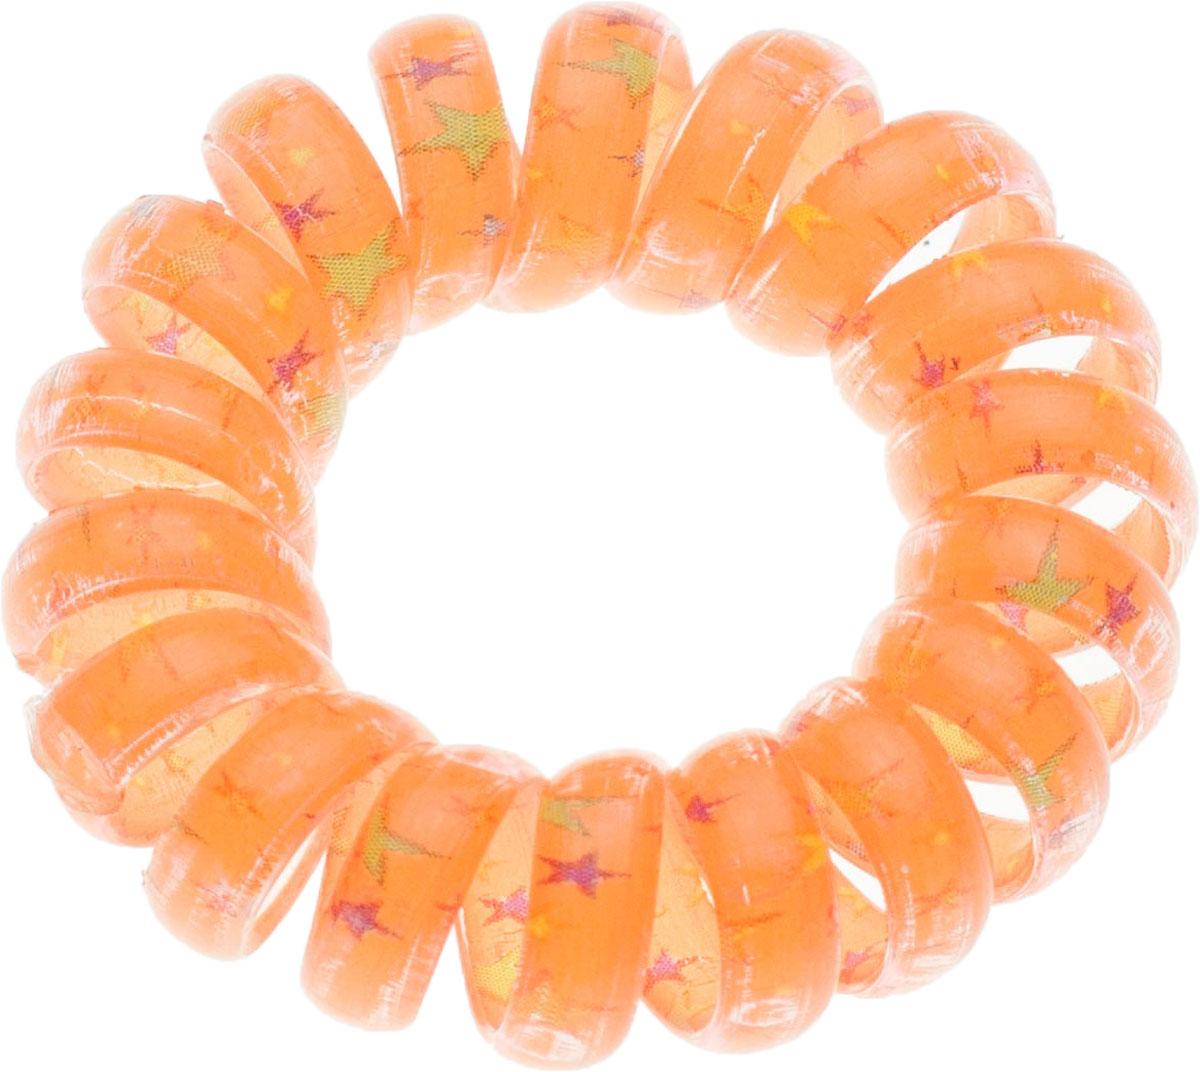 Резинка для волос Мастерская Крутовых, цвет: оранжевый. РПВ-099РПВ-099Резинки-пружинки для волос — это модная тенденция в сфере ухода за собой. Благодаря этой резинки вы сможете сделать любую прическу и она будет держаться на ура. Пользуетесь маской или бальзамом для волос? И тут вам резинка-пружинка придется кстати, она не намокает, быстро моется и не заламывает волосы! Так же эту резиночку можно носить как браслет!